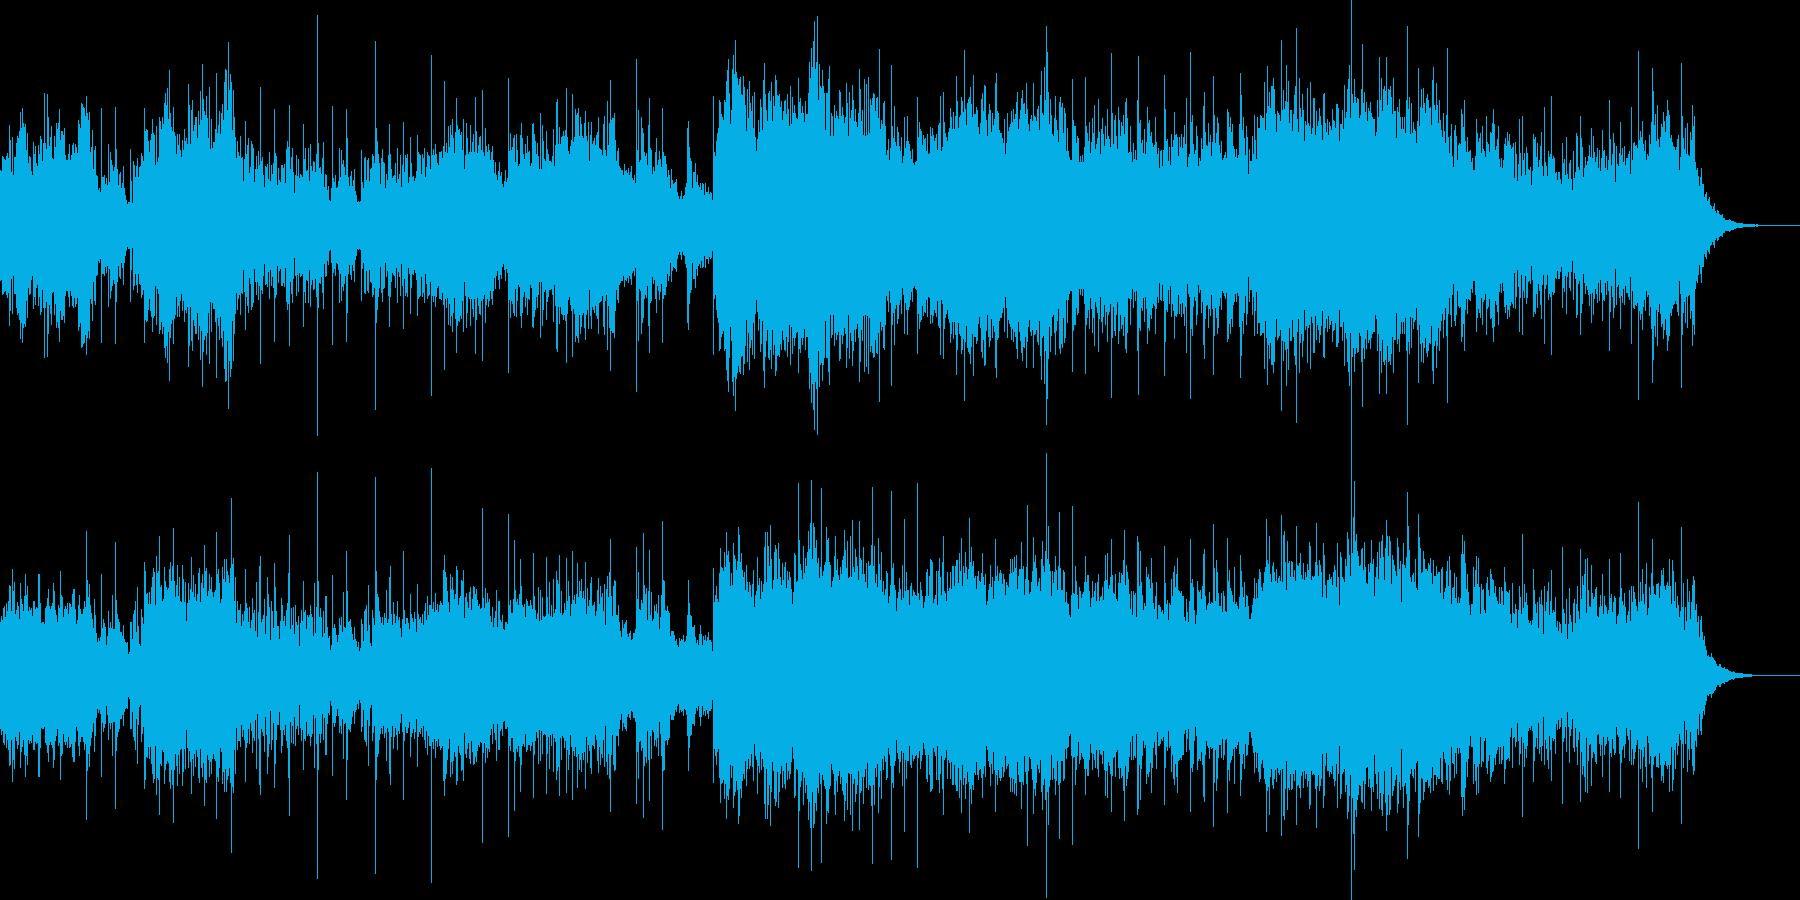 シリアスな映像音楽の再生済みの波形